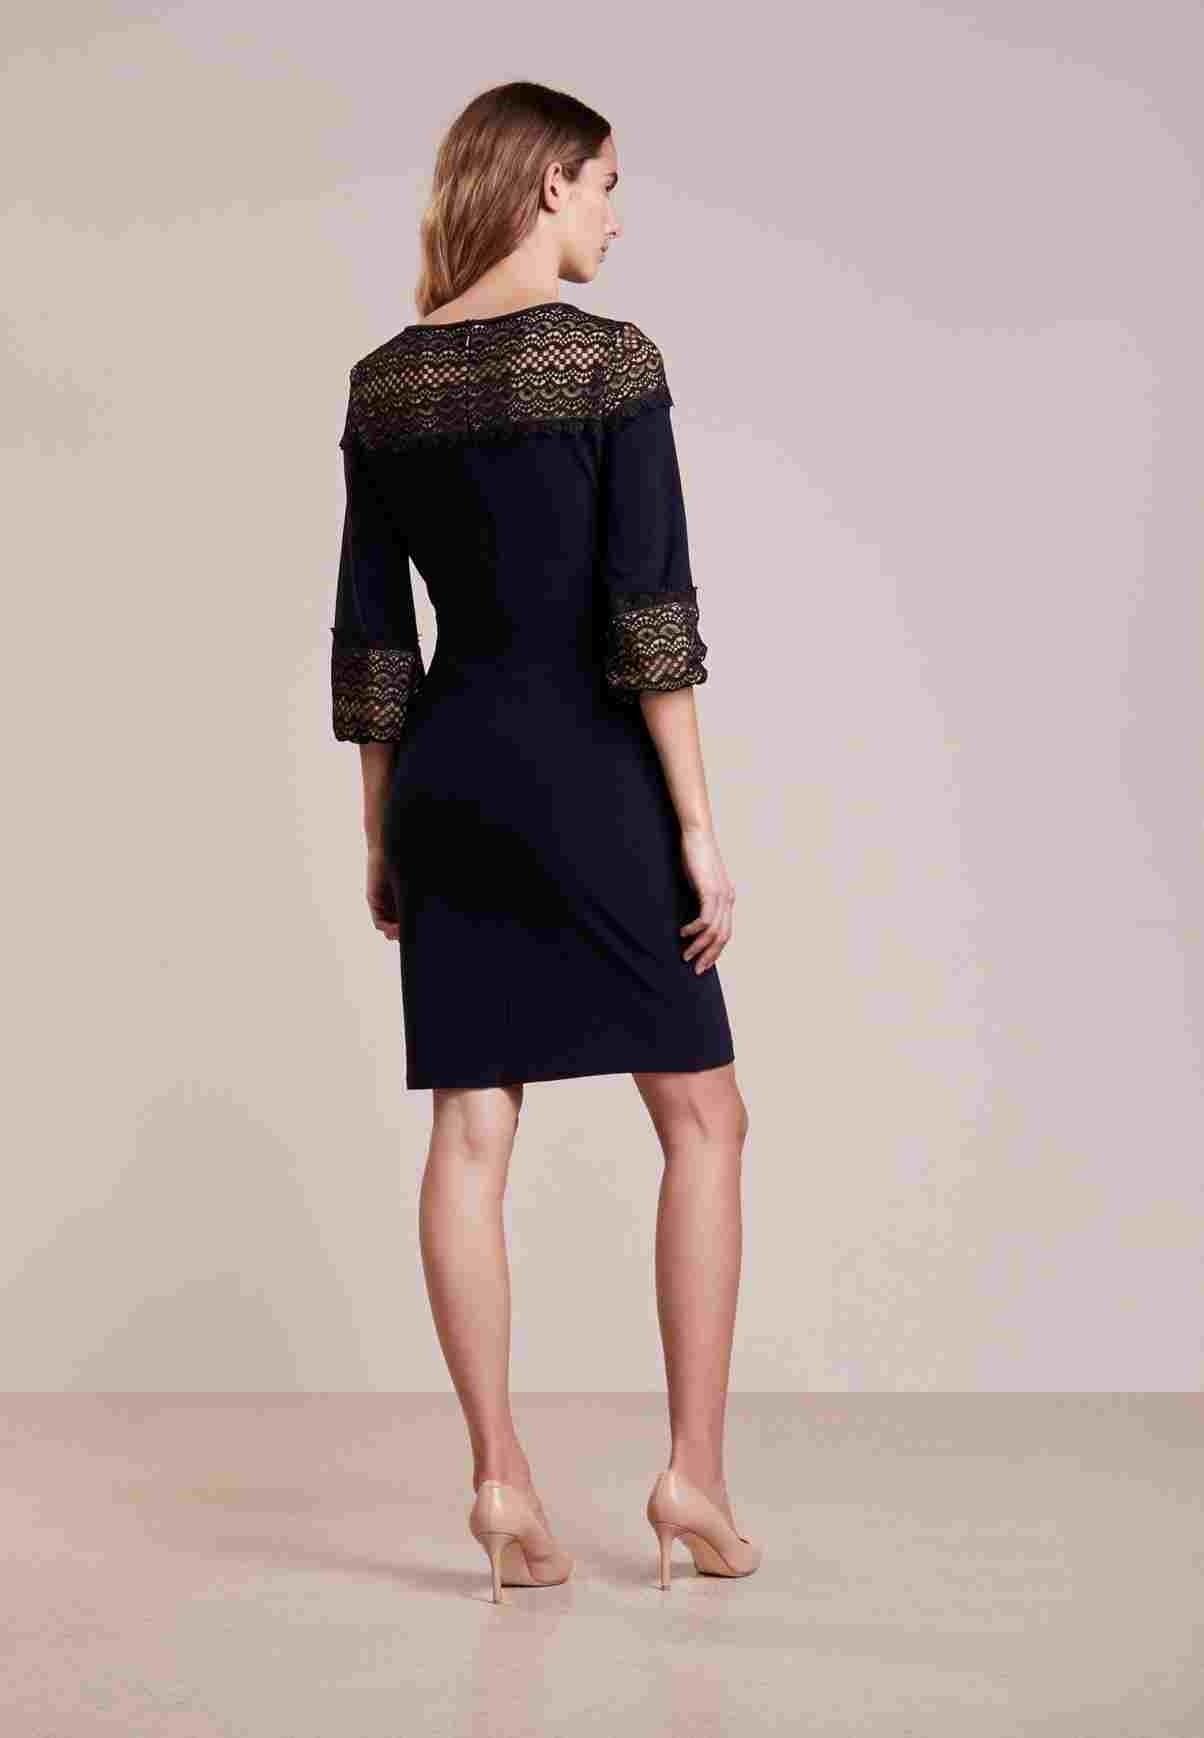 15 Luxus Festliche Lange Kleider Boutique17 Schön Festliche Lange Kleider Spezialgebiet